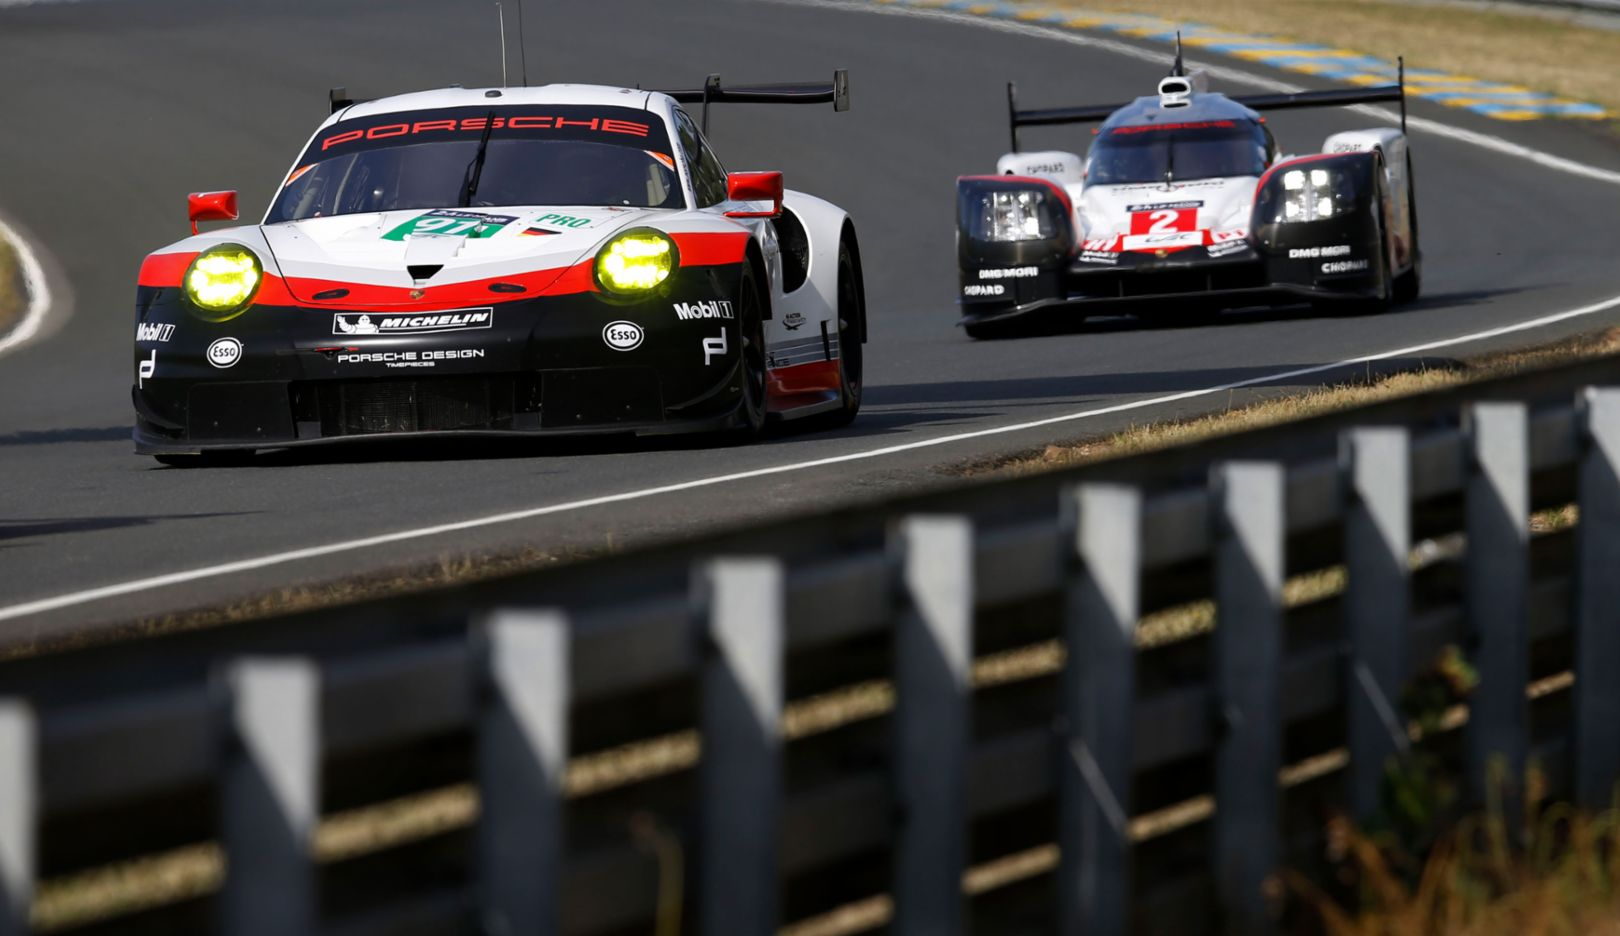 911 RSR, 919 Hybrid, FIA WEC, Pre-test, Le Mans, 2017, Porsche AG